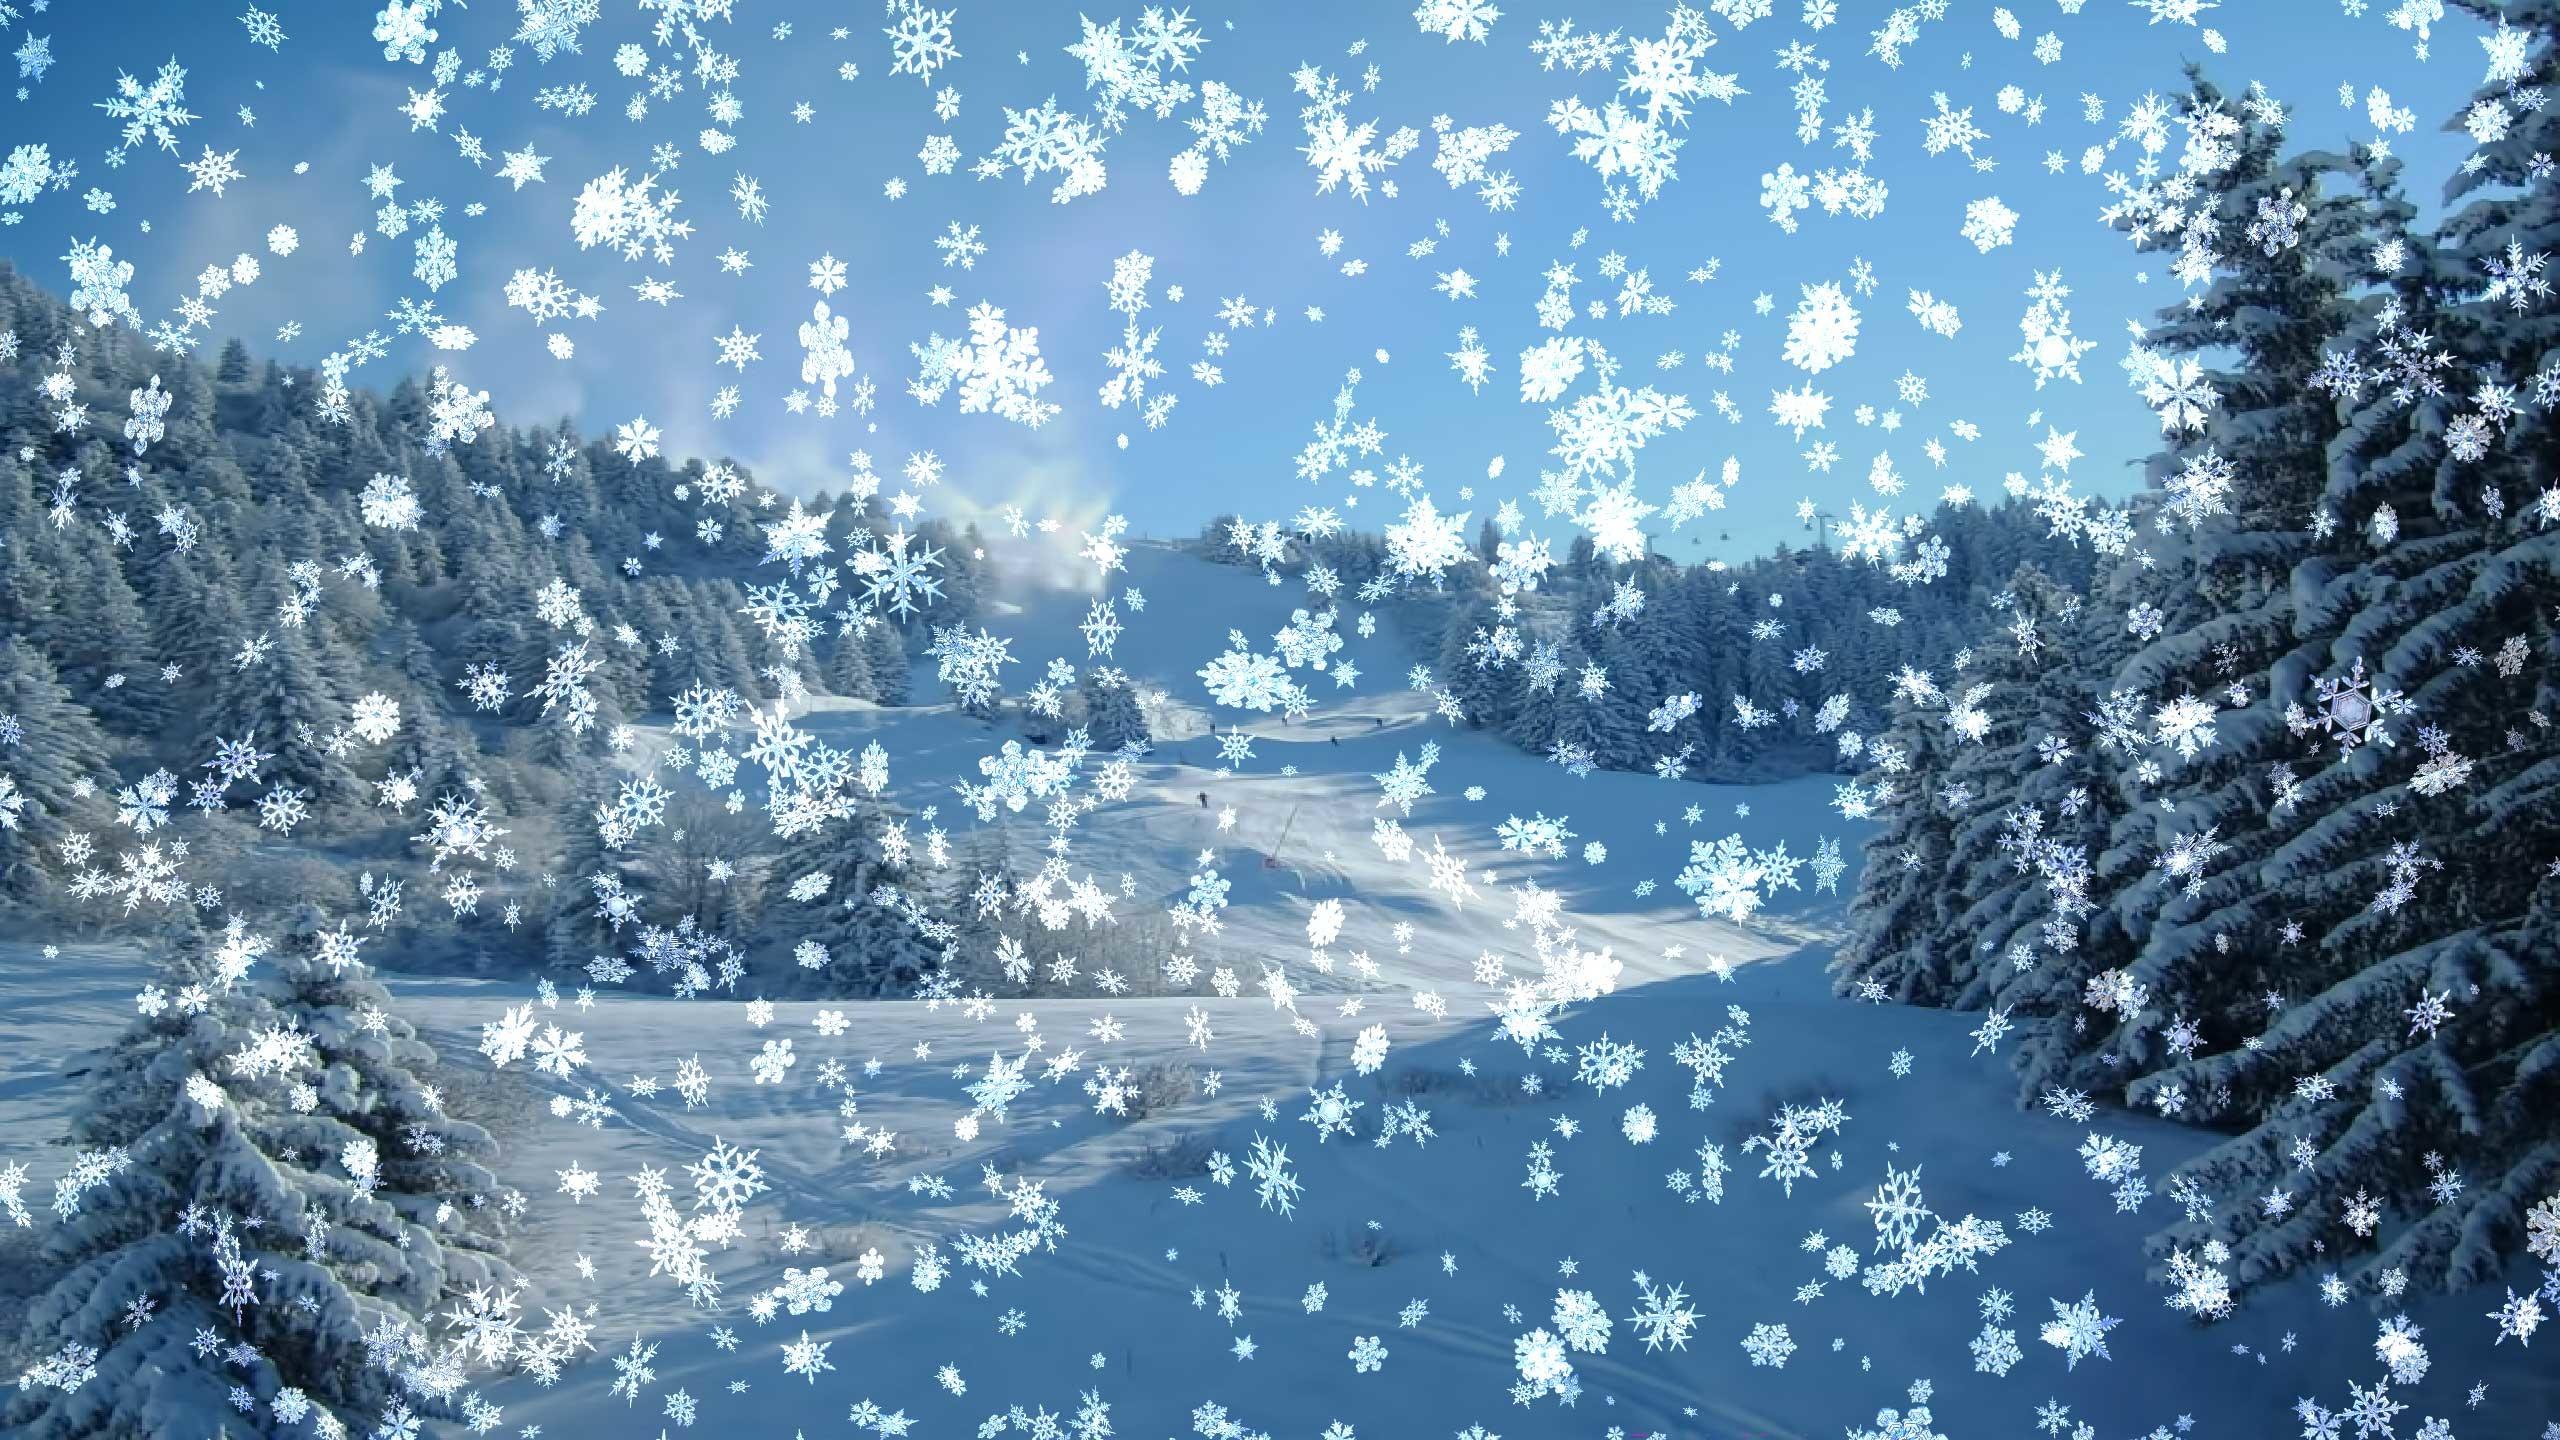 Snowy Desktop 3D